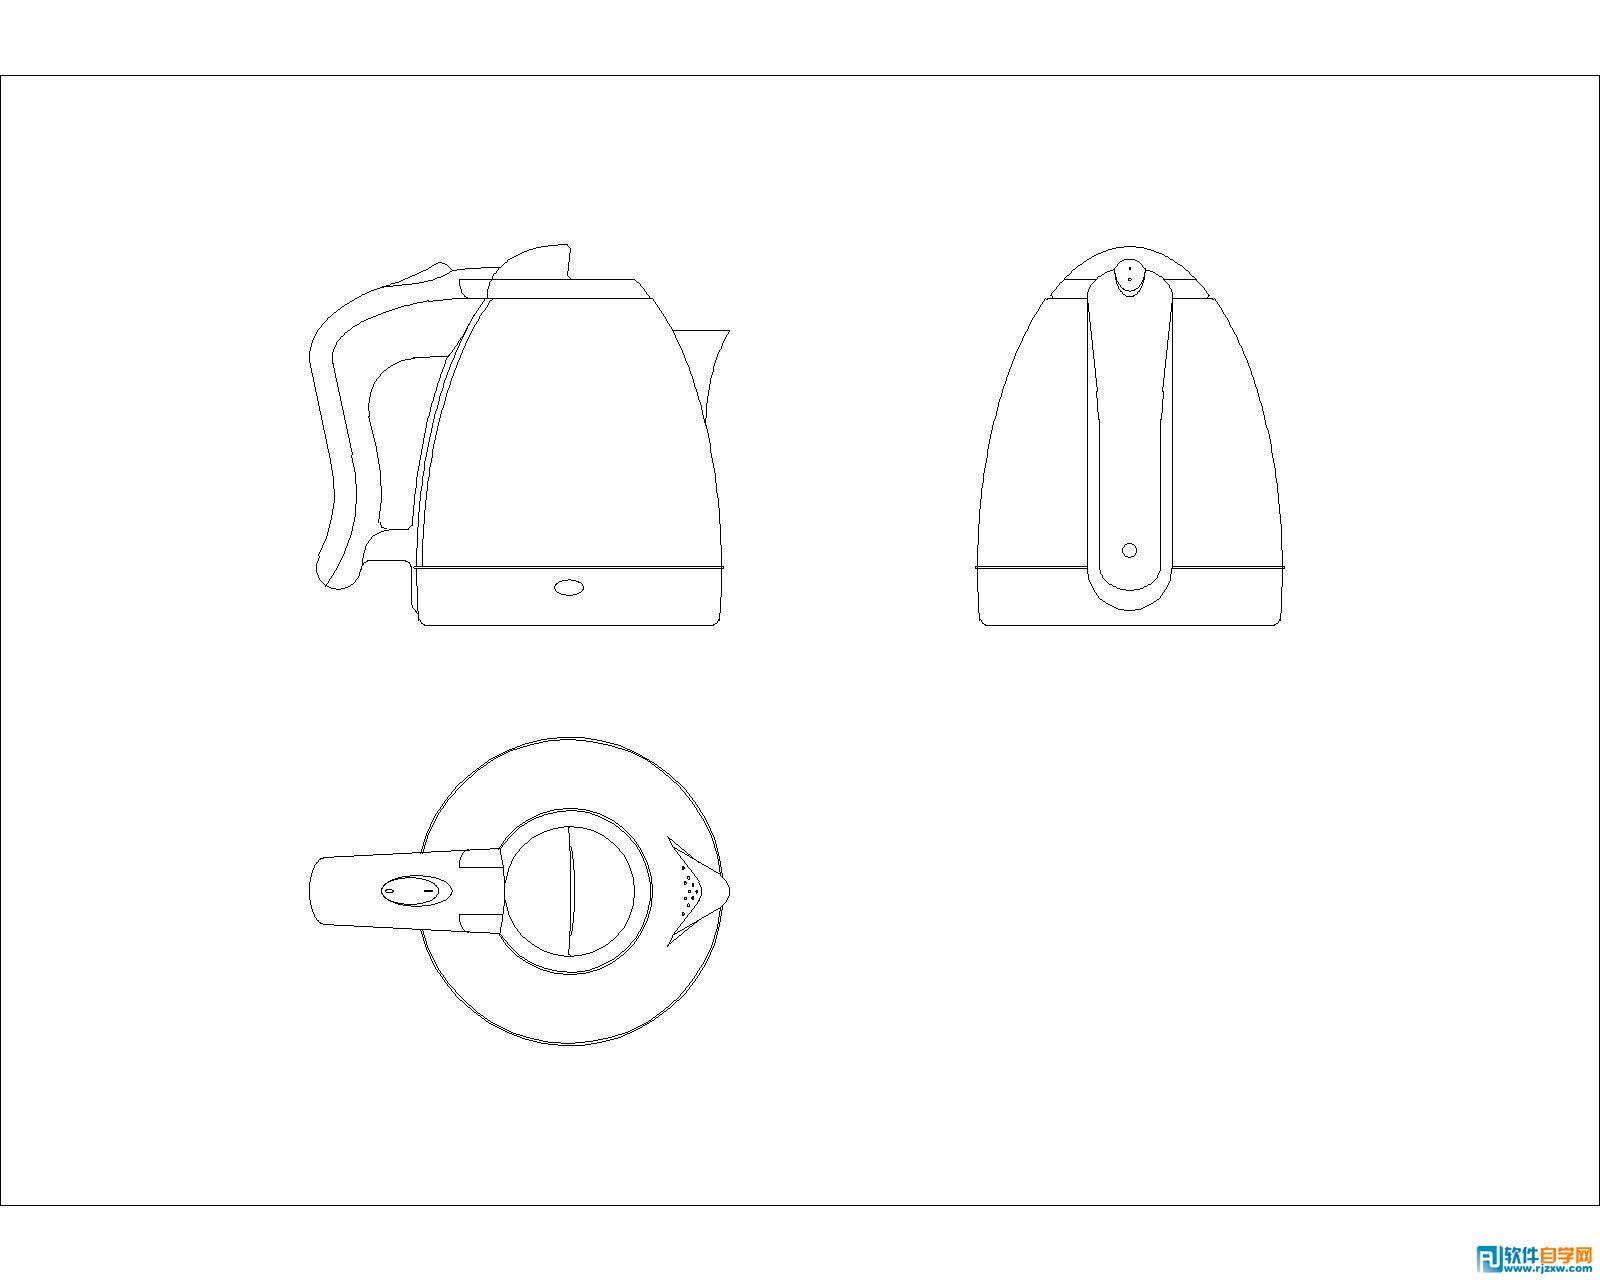 在宾馆闲来没事用AUTO CAD2010画了个电热水壶,三视图,机械制图标准,此教程由软件自学网首发,没有标注尺寸,圆弧过渡比较多,偏移和倒圆角命令运用较多,由于刚刚学习CAD绘图,画了半天才画完,以后多加练习,争取半小时搞定,熟能生巧,相信多加练习会实现的。